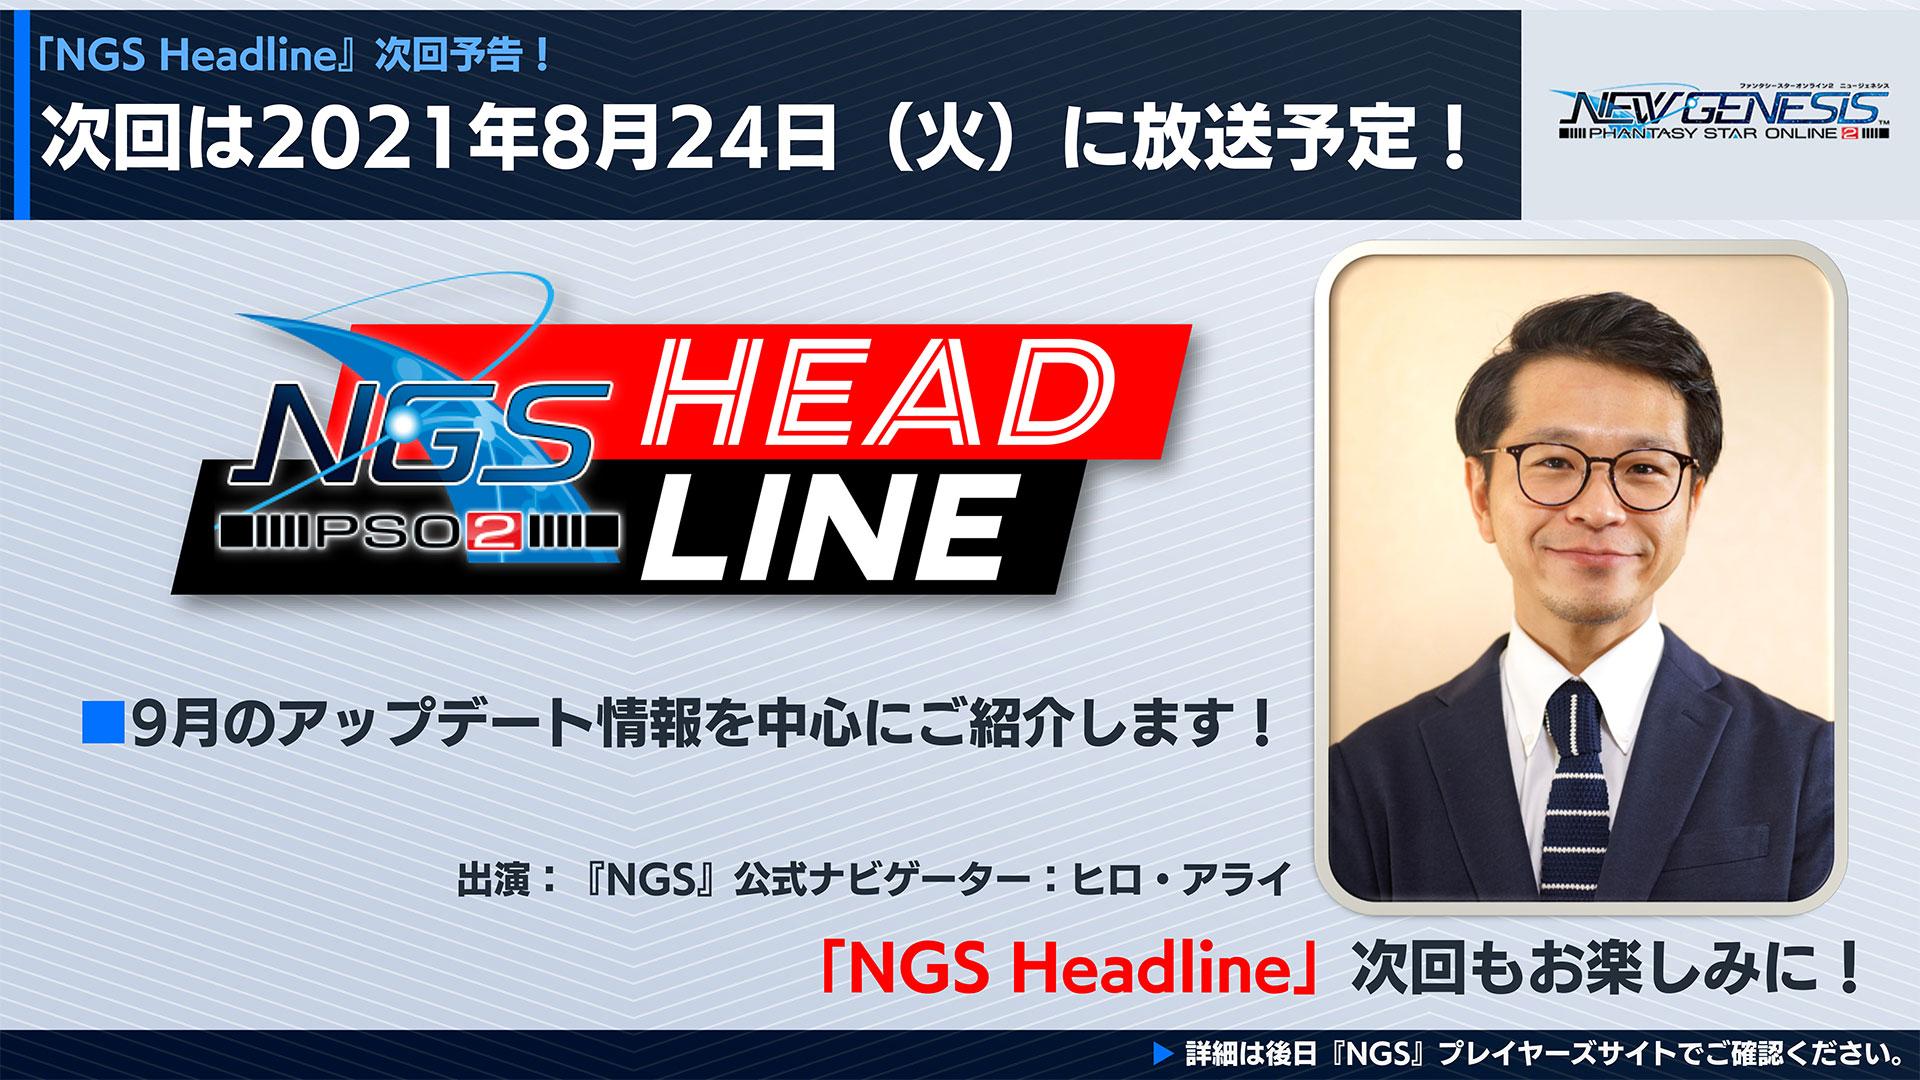 次回「NGS Headline」は8月24日に配信される。9月のアップデート情報などが紹介される予定